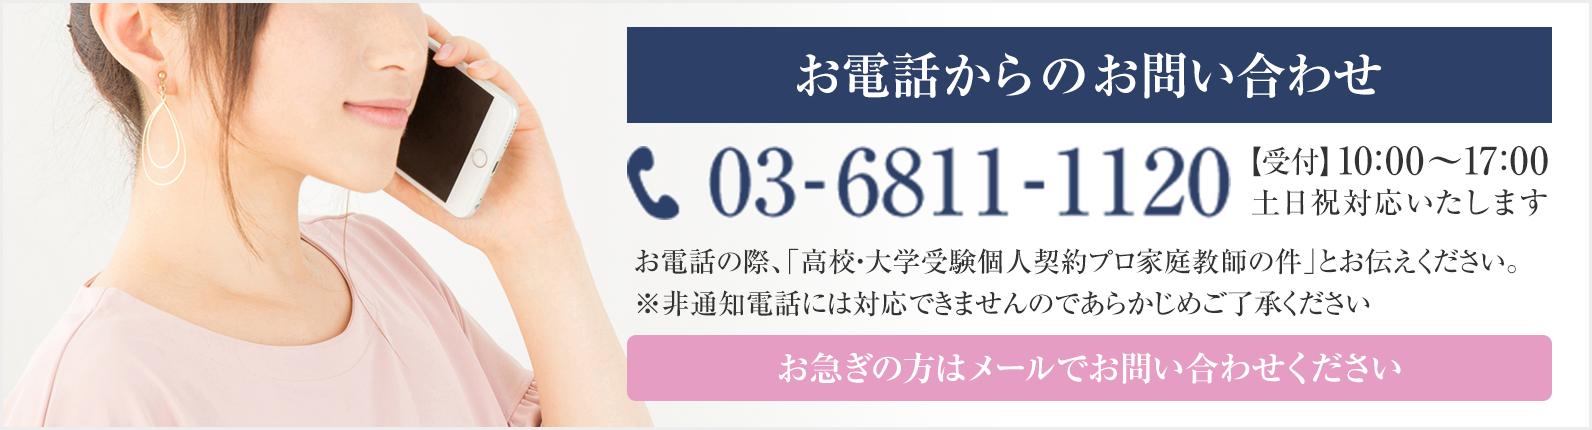 プロ家庭教師へのお電話でのお問い合わせは0368111120まで